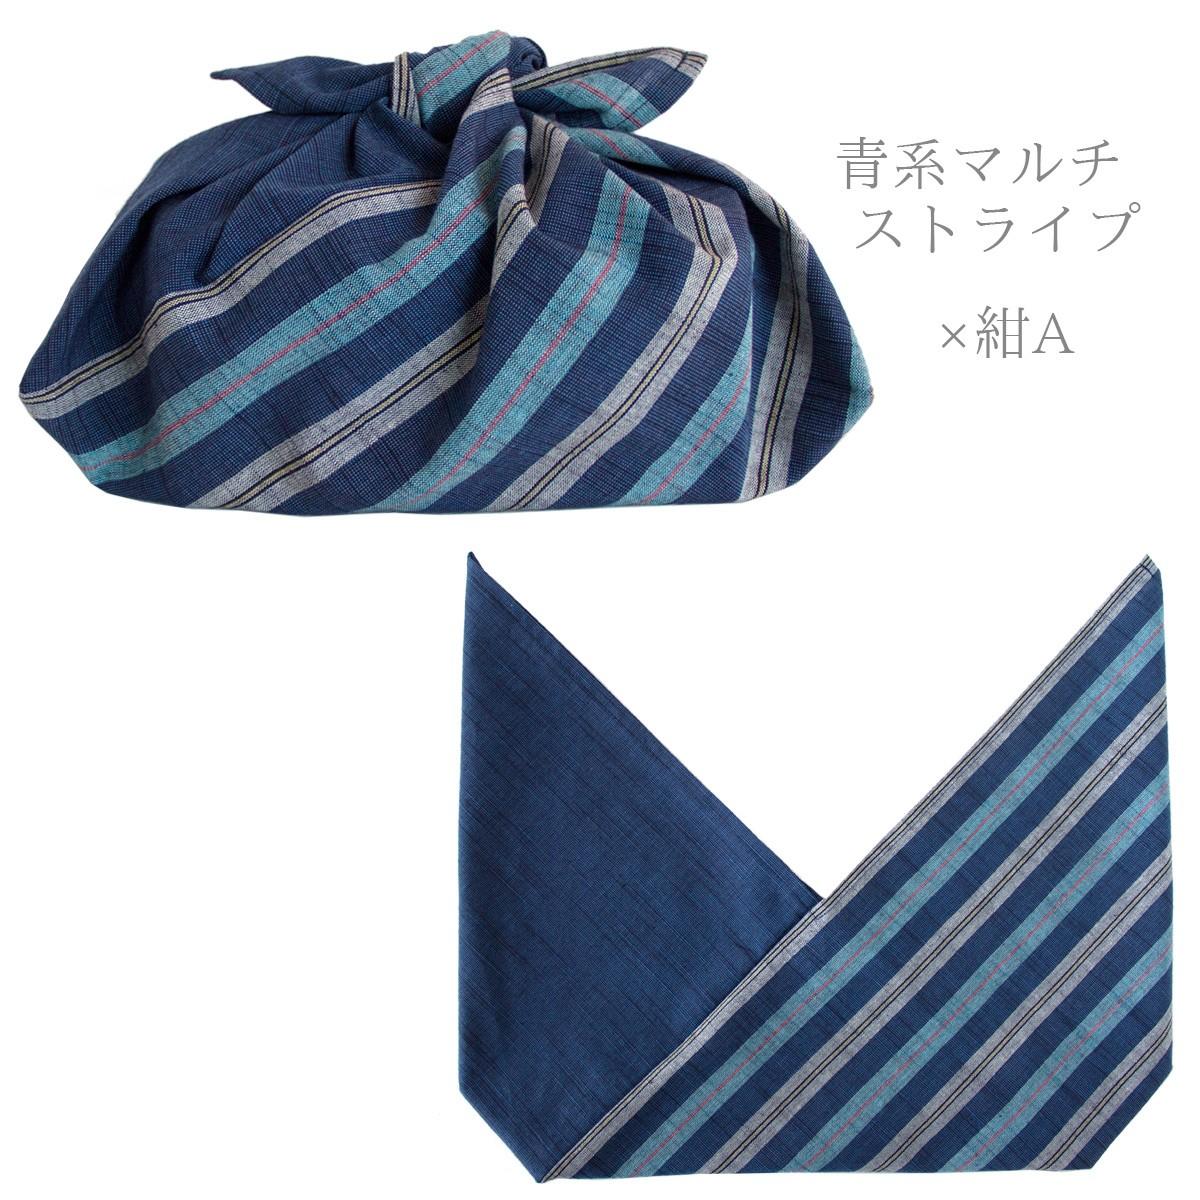 青系マルチストライプ×紺A